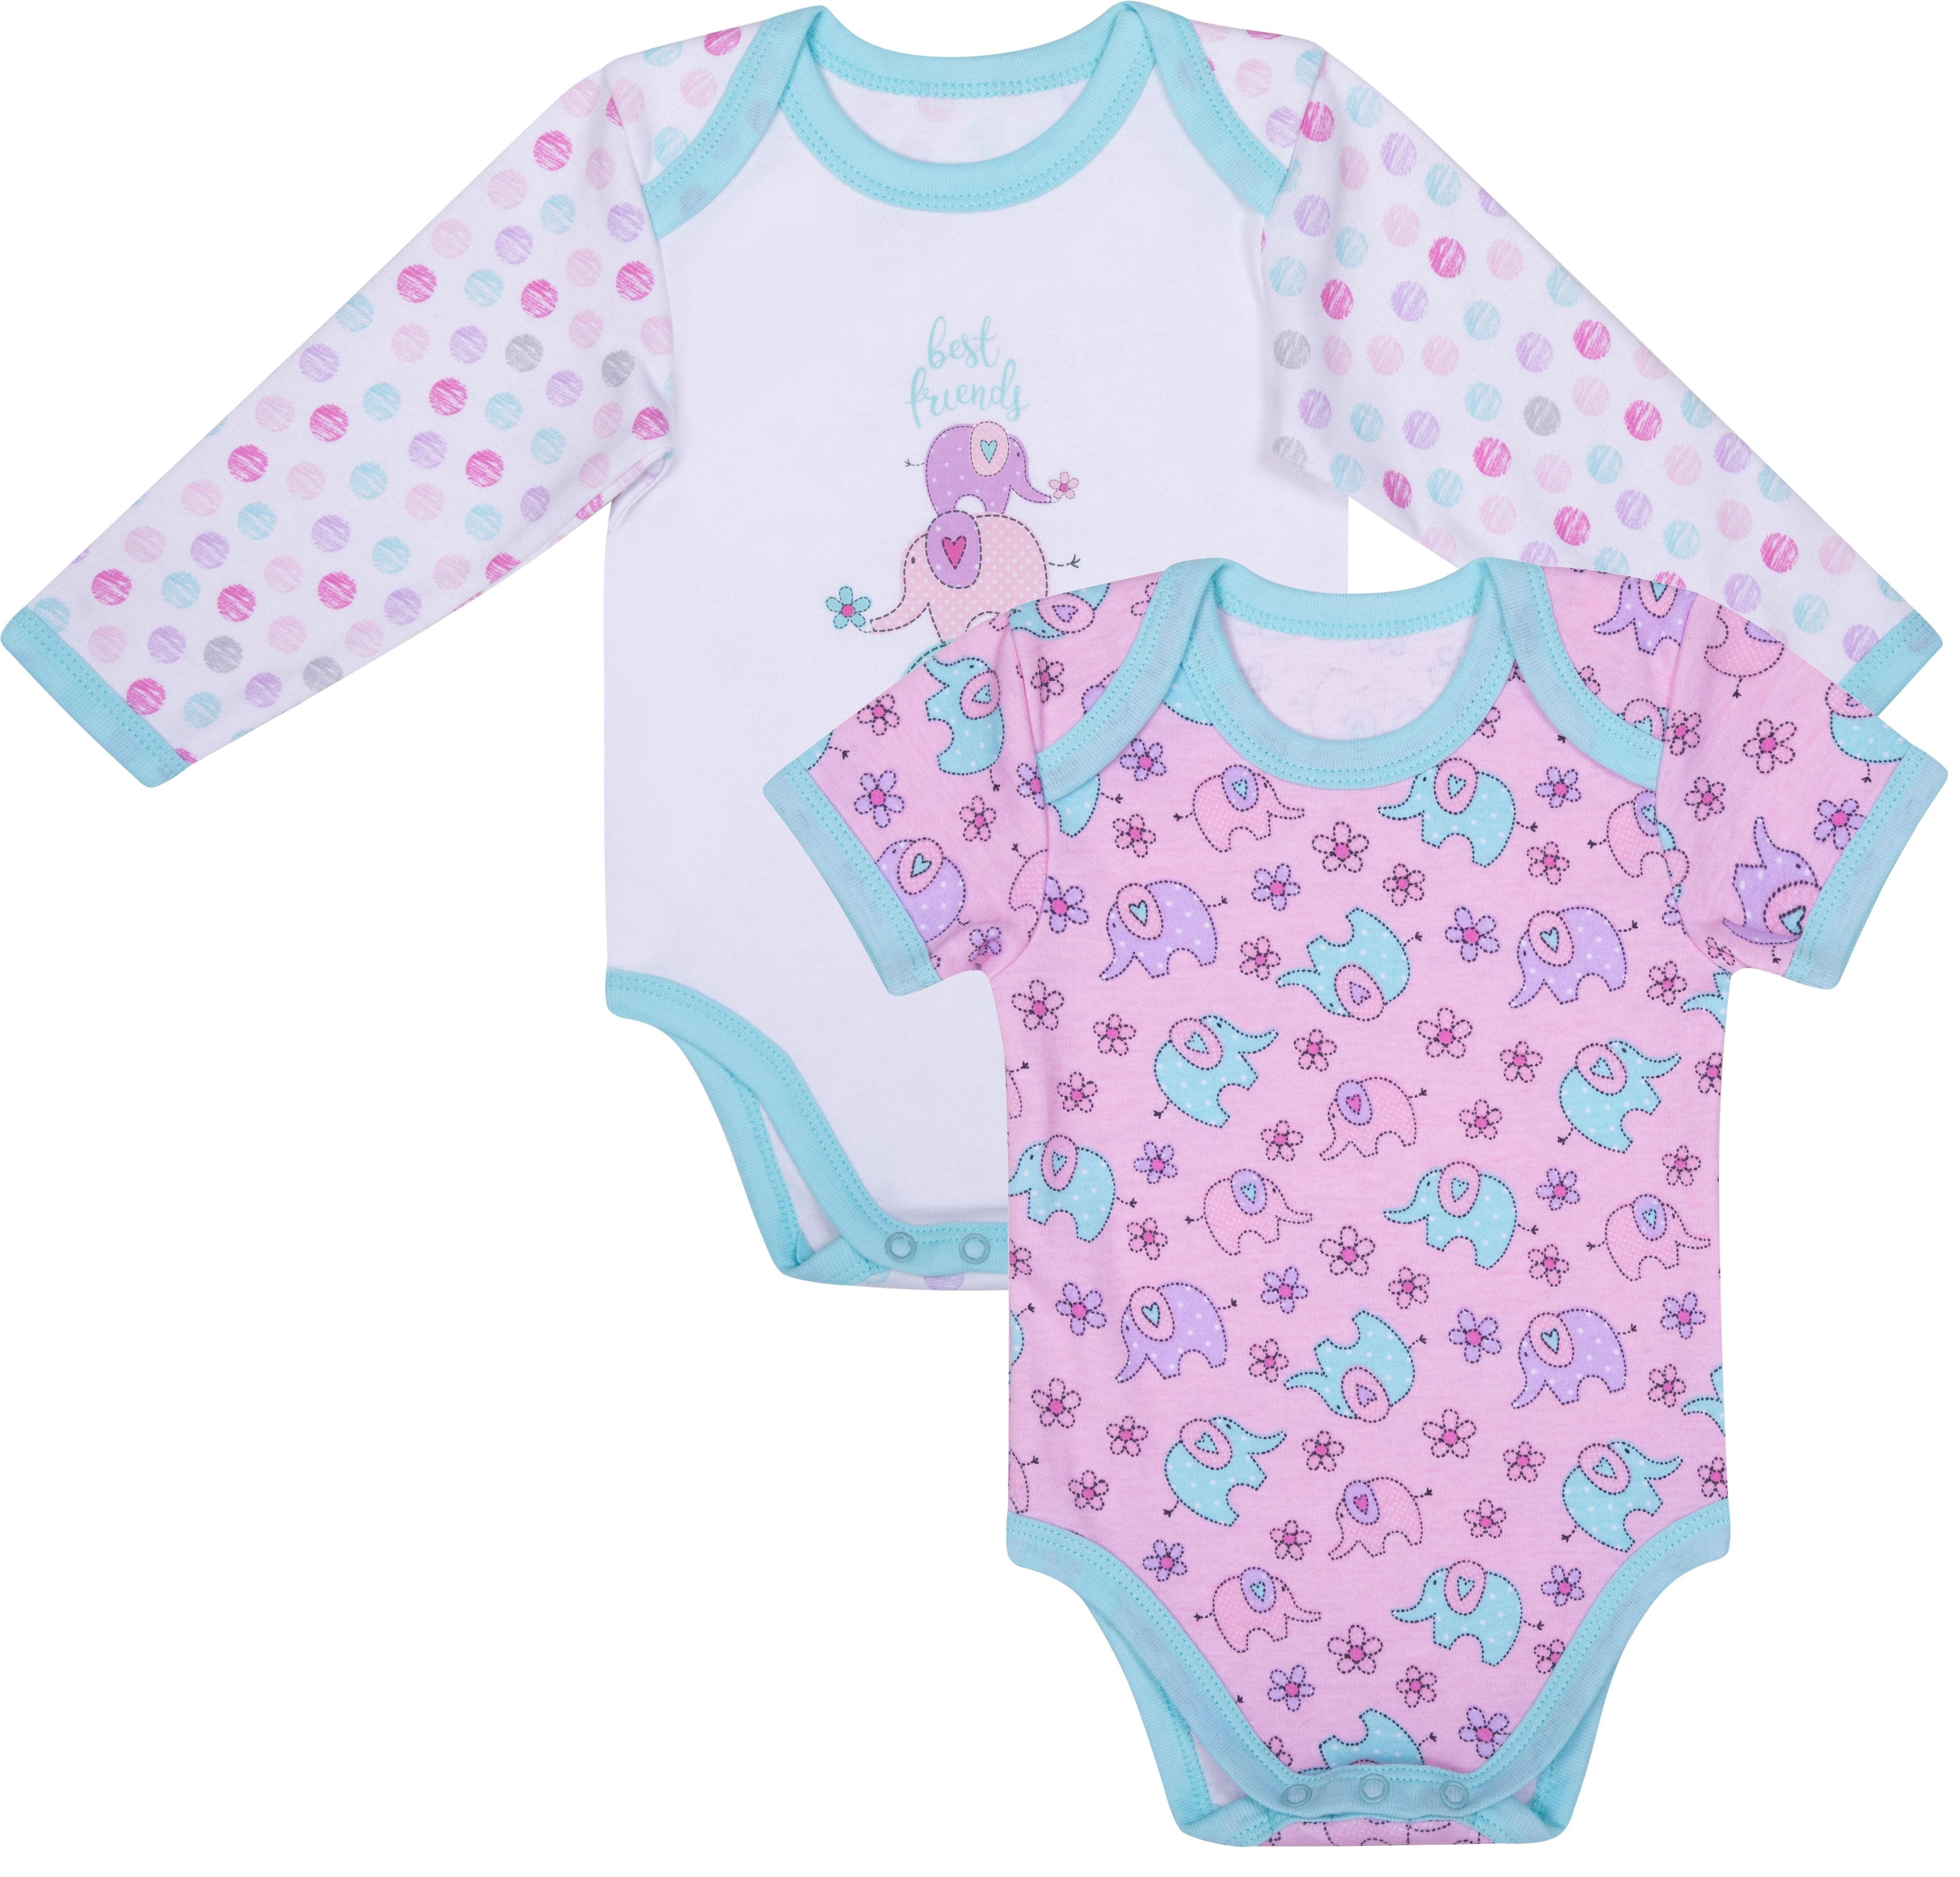 Боди с длинным рукавом детское Barkito Мятные слоники 2 шт., белое/розовое